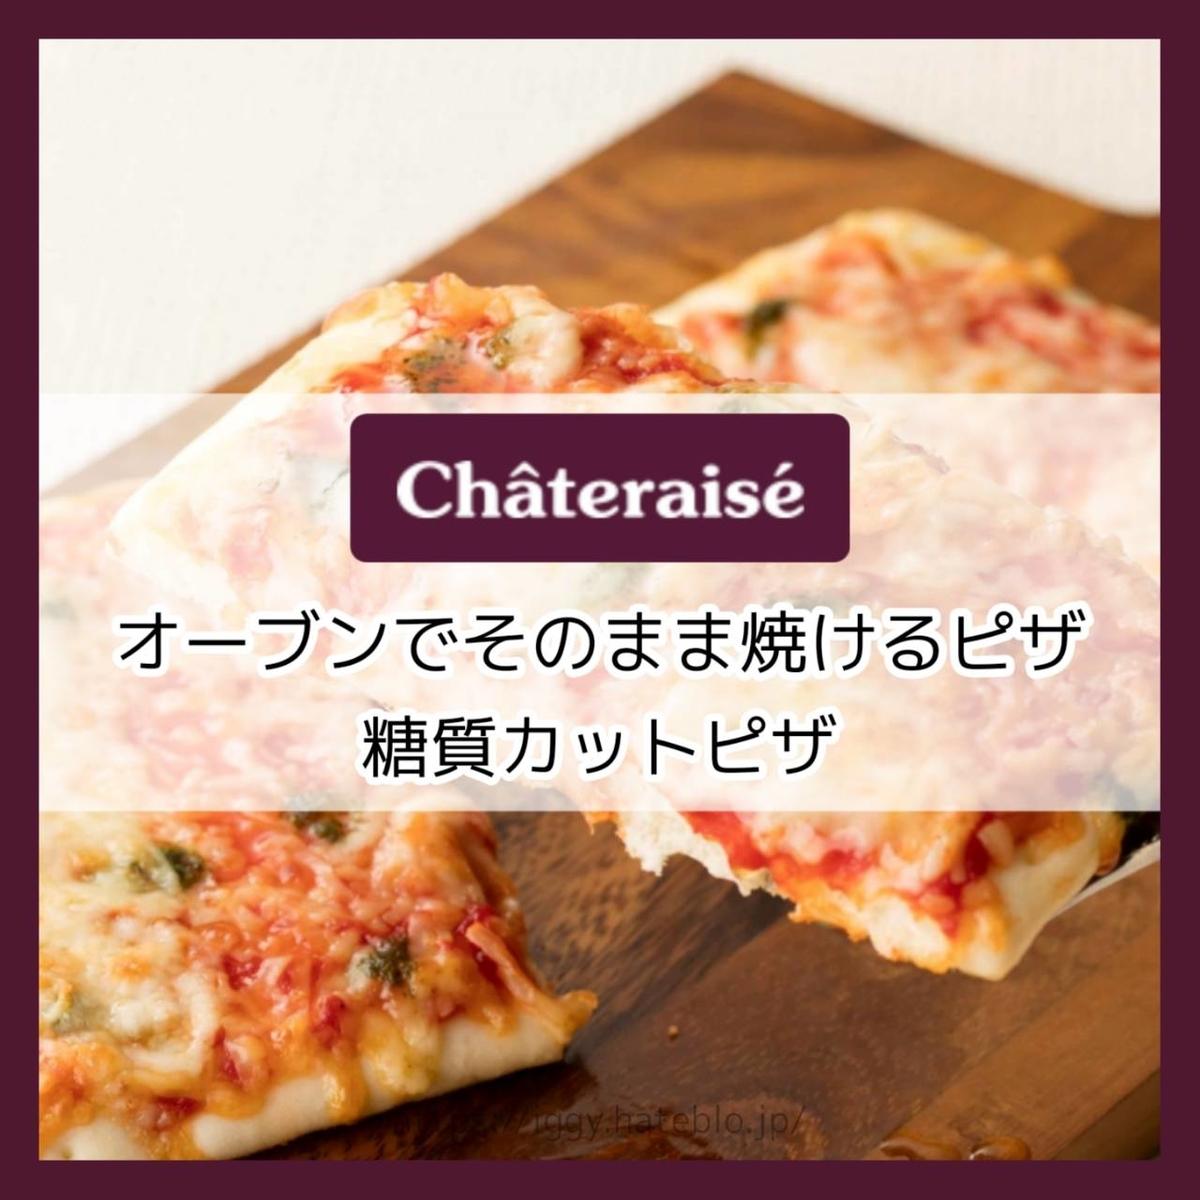 『シャトレーゼ』おすすめ冷凍ピザ「糖質カットピザ」と「オーブンでそのまま焼けるピザ」